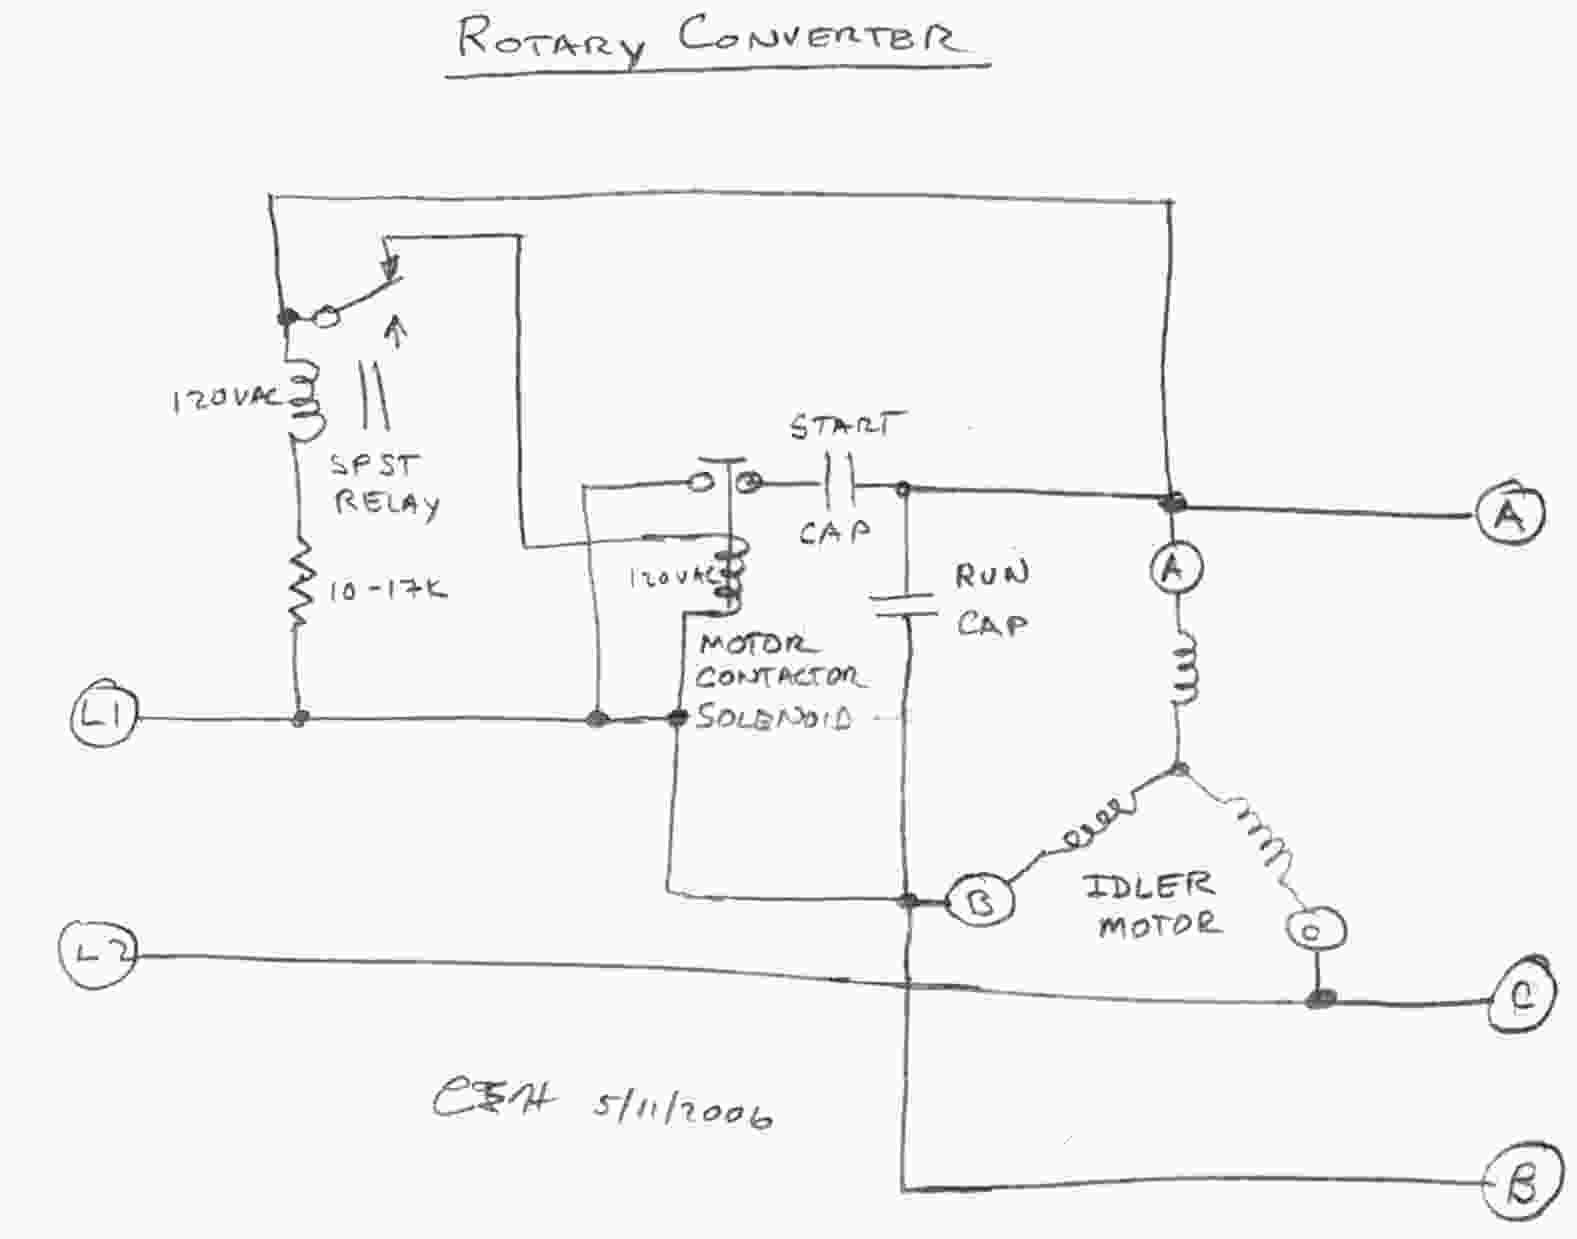 3 Phase Converter Wiring Diagram jerrysmasterkeyforyouand